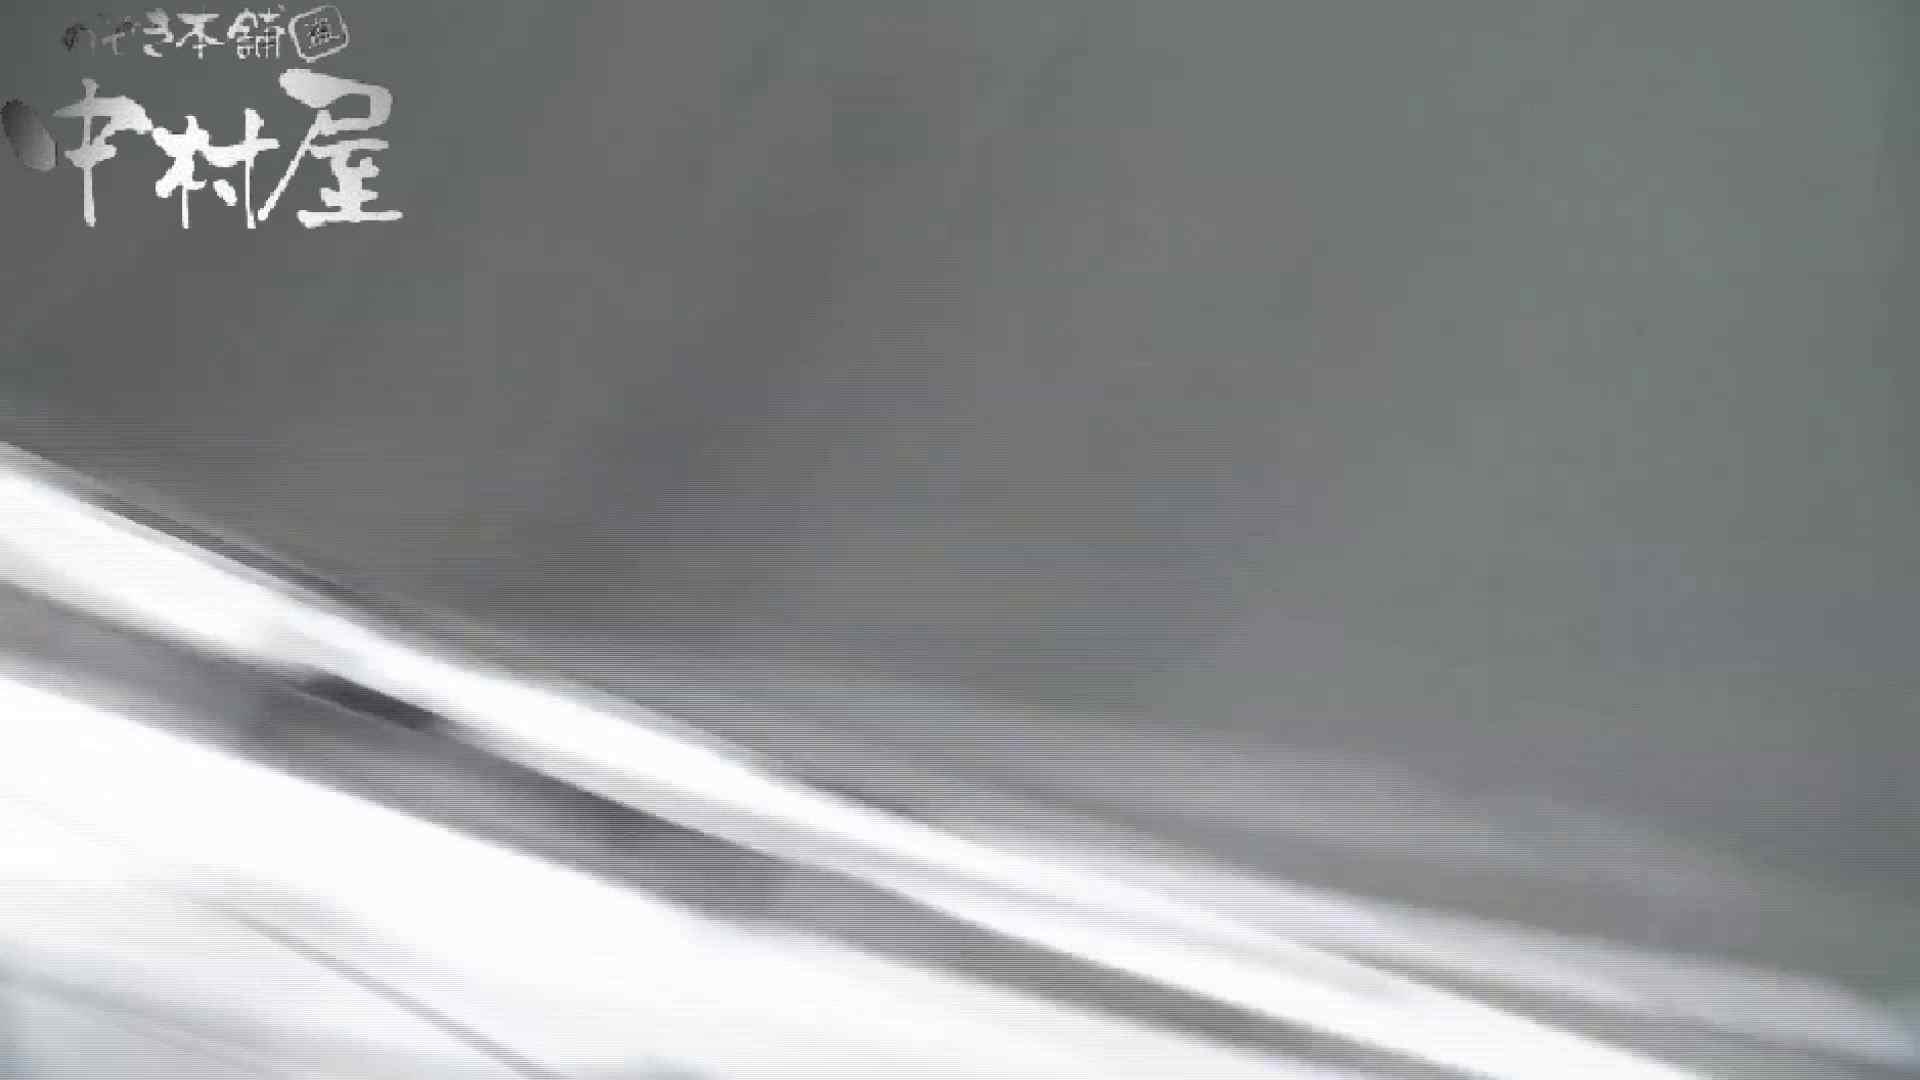 【美しい日本の未来】美しい日本の未来 No.41 反射を利用して、斬新な絶景が開かれた!! 現役ギャル AV無料動画キャプチャ 74pic 42